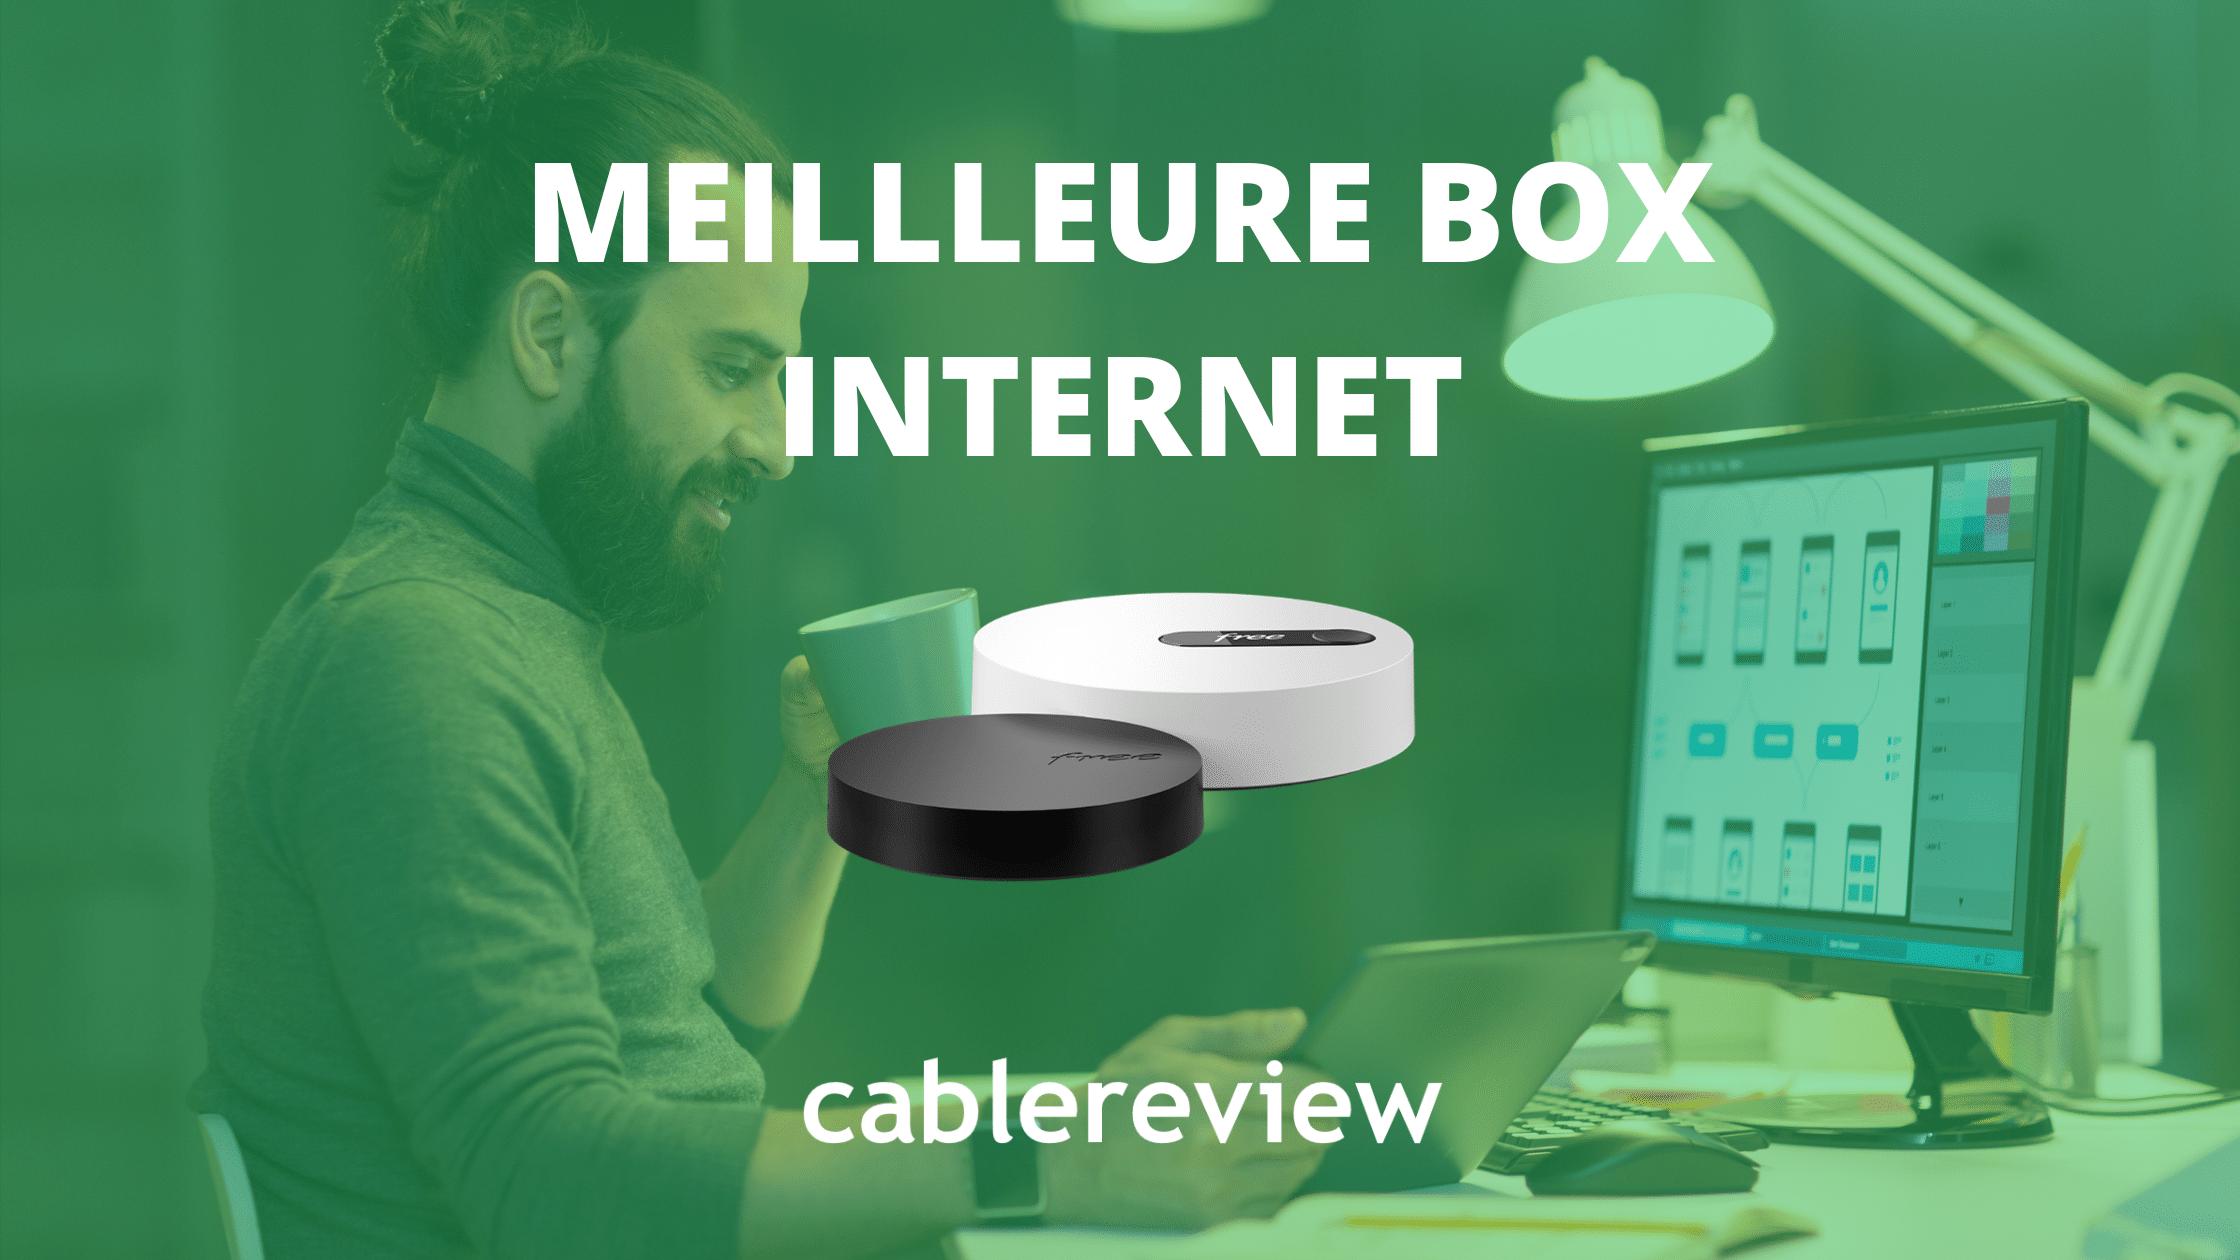 Meilleure box internet